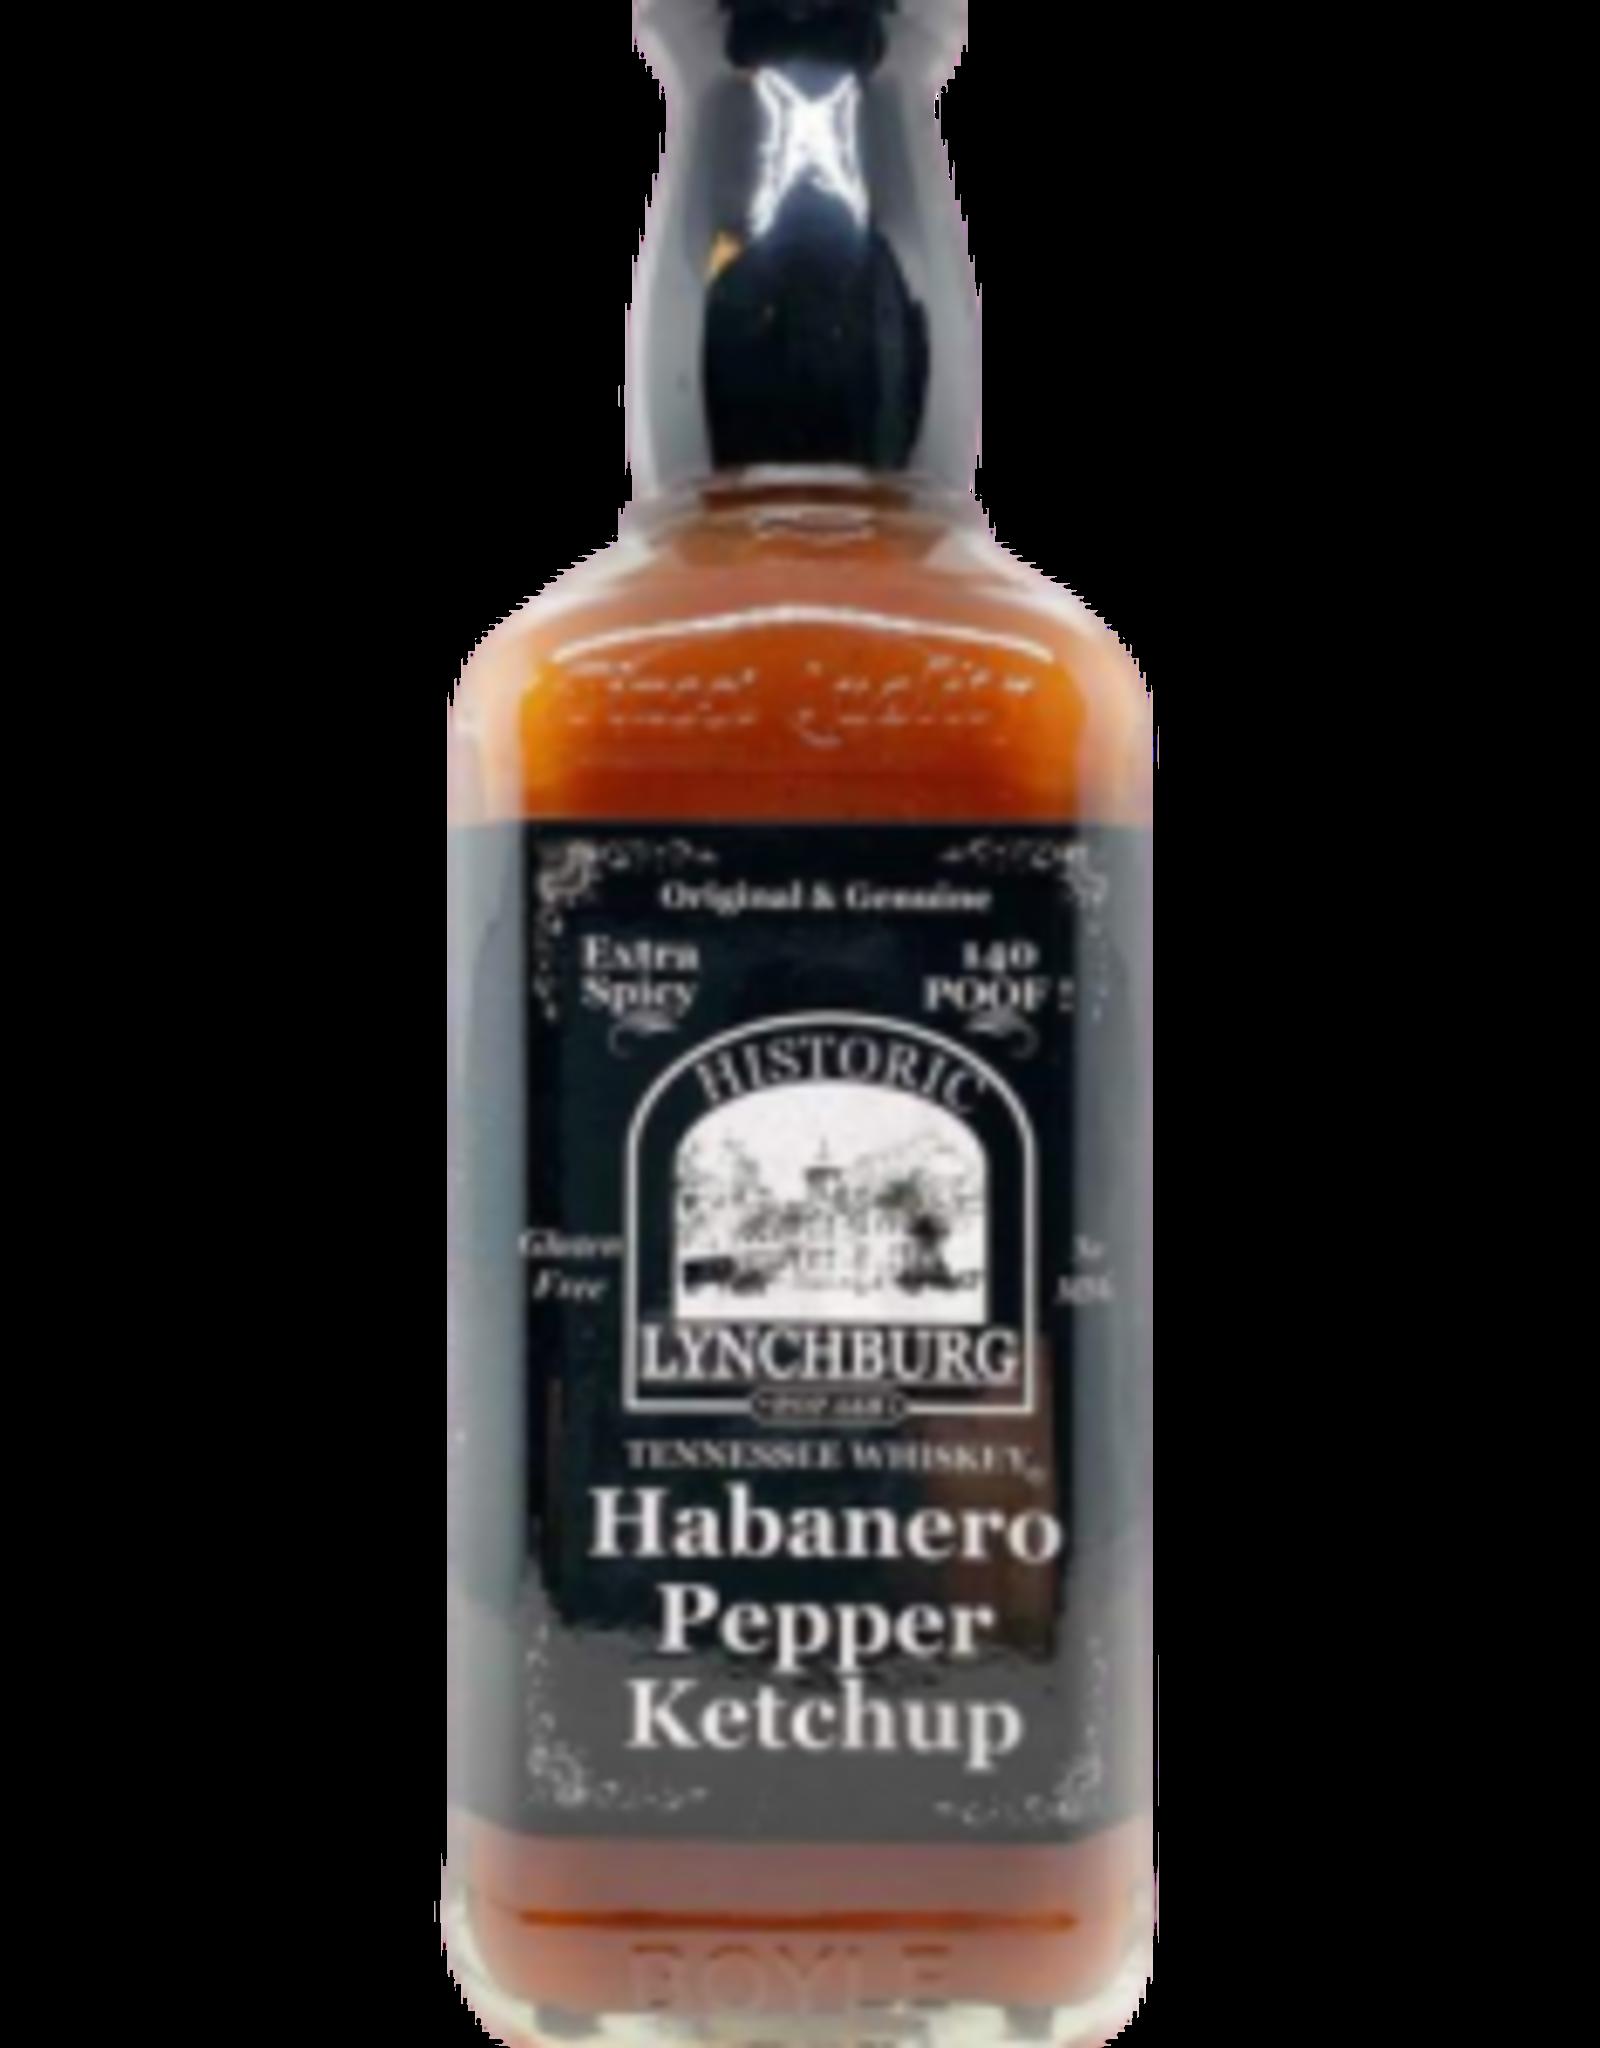 Historic Lynchburg Habanero Ketchup